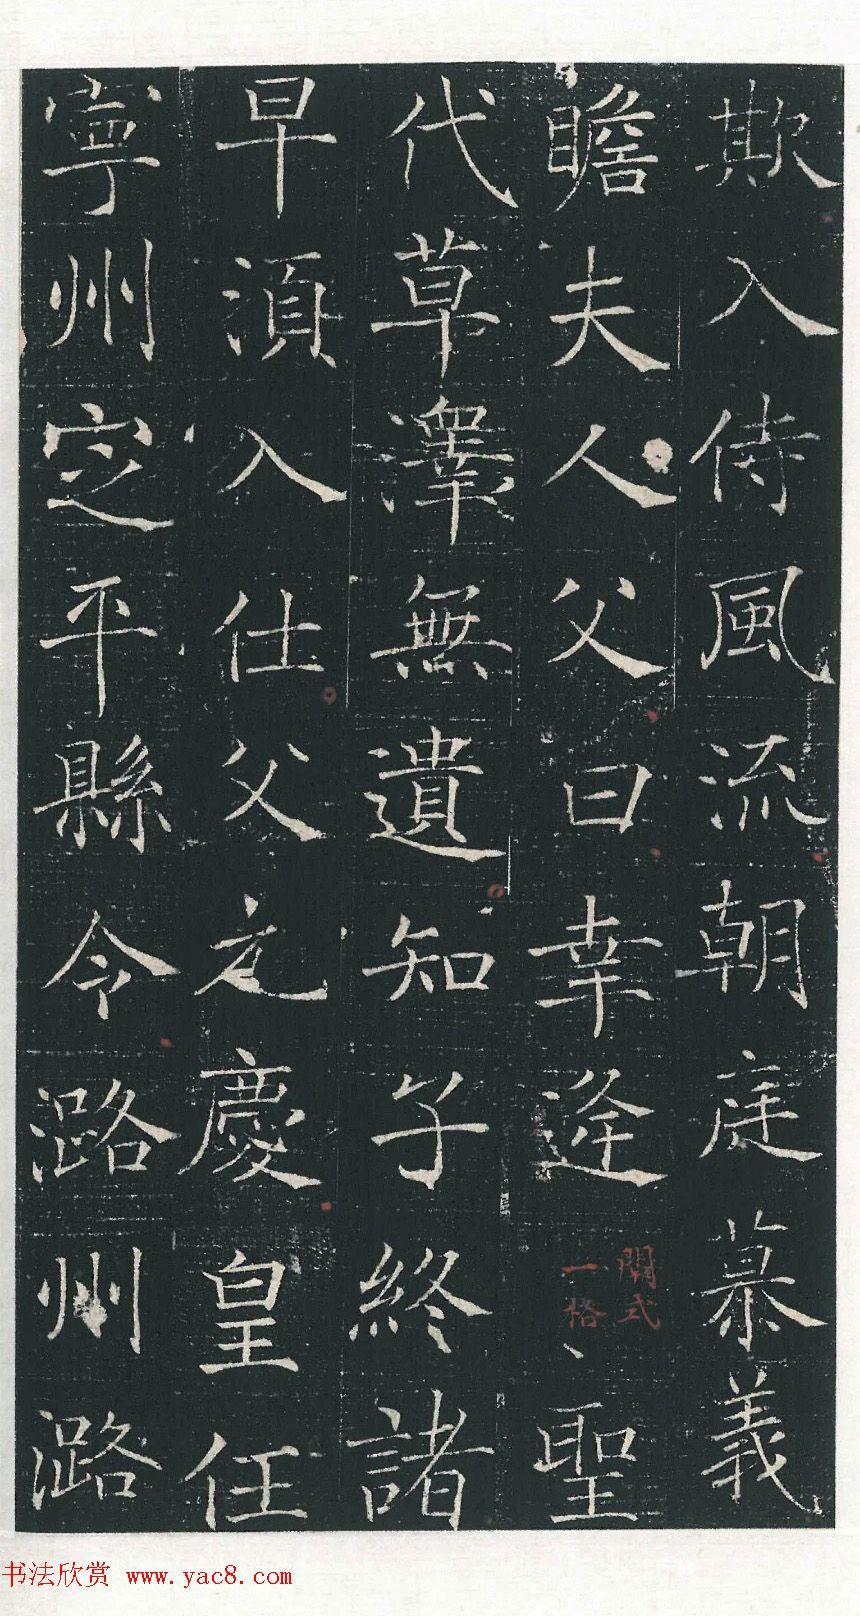 唐代楷书《殷日德墓志》颇类褚遂良书体